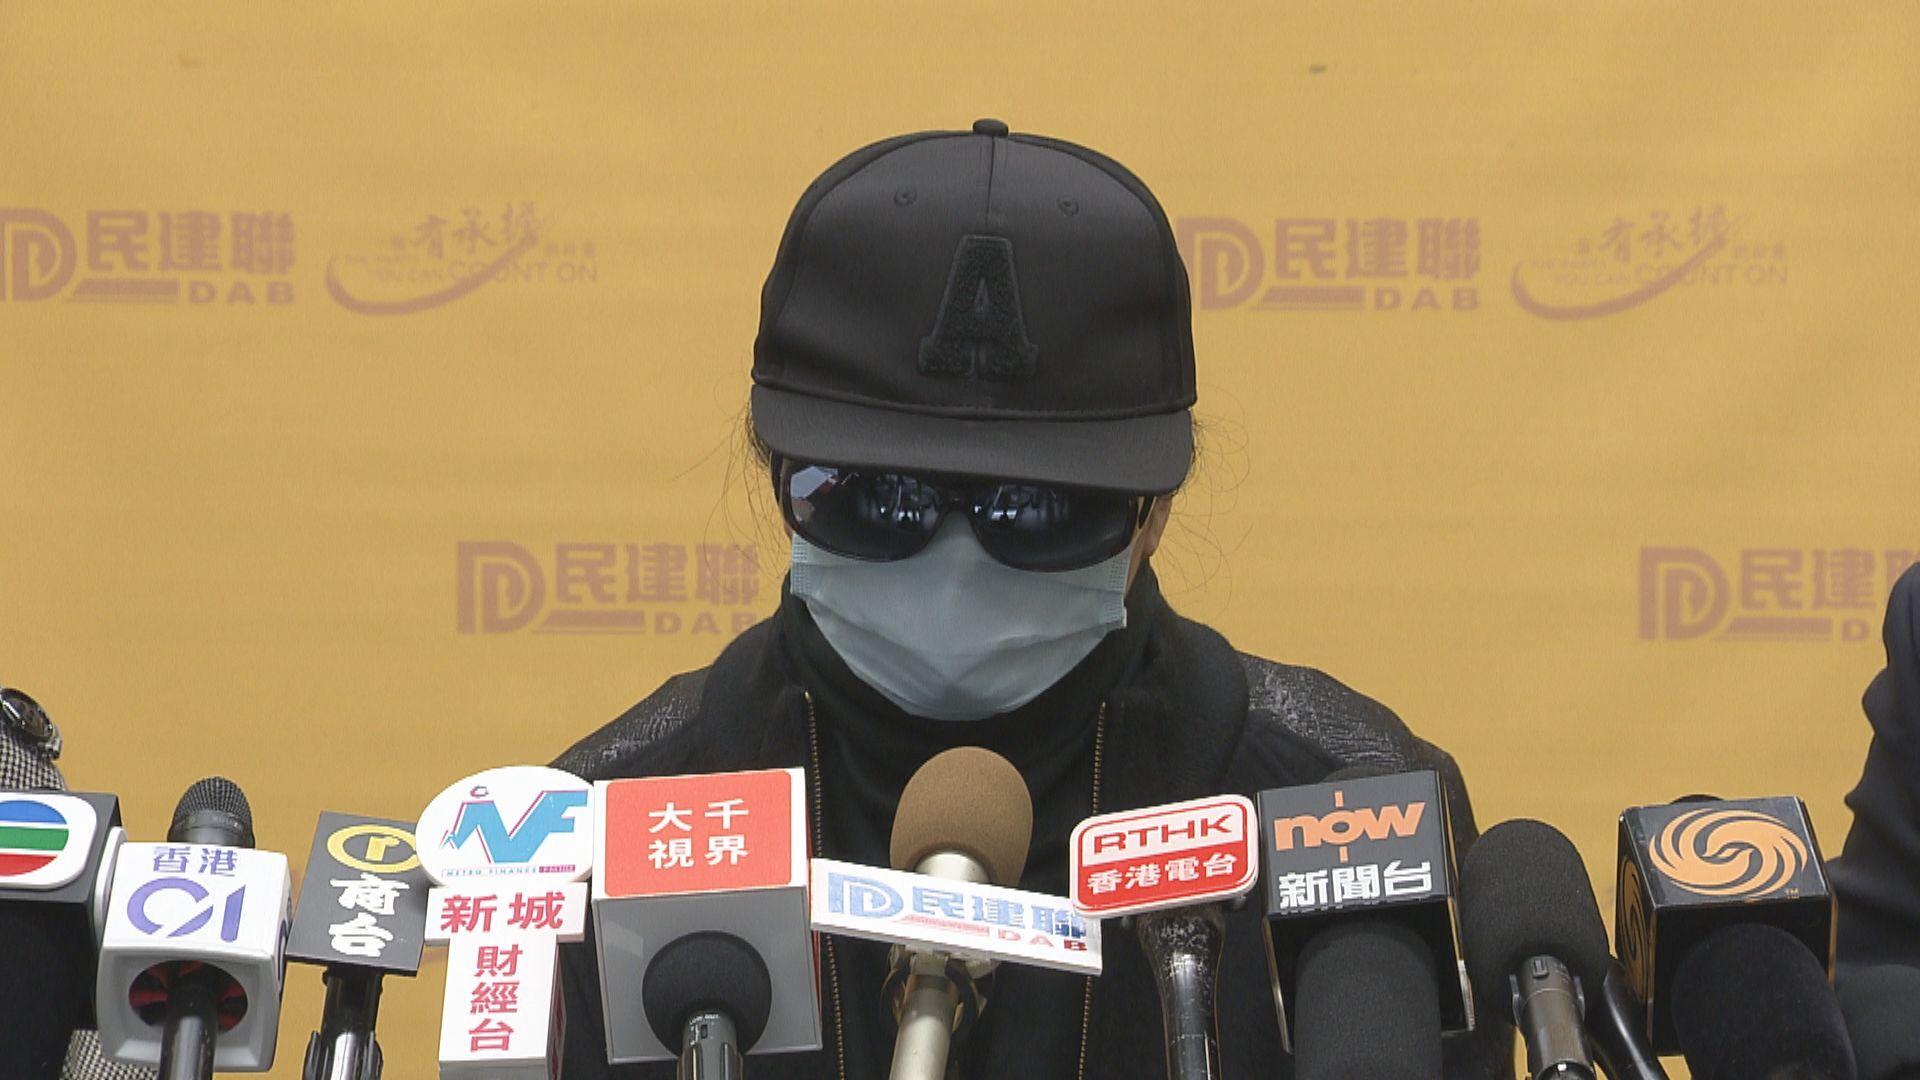 陳同佳案死者潘曉穎母親:港台疫情緩和 促陳盡快自首